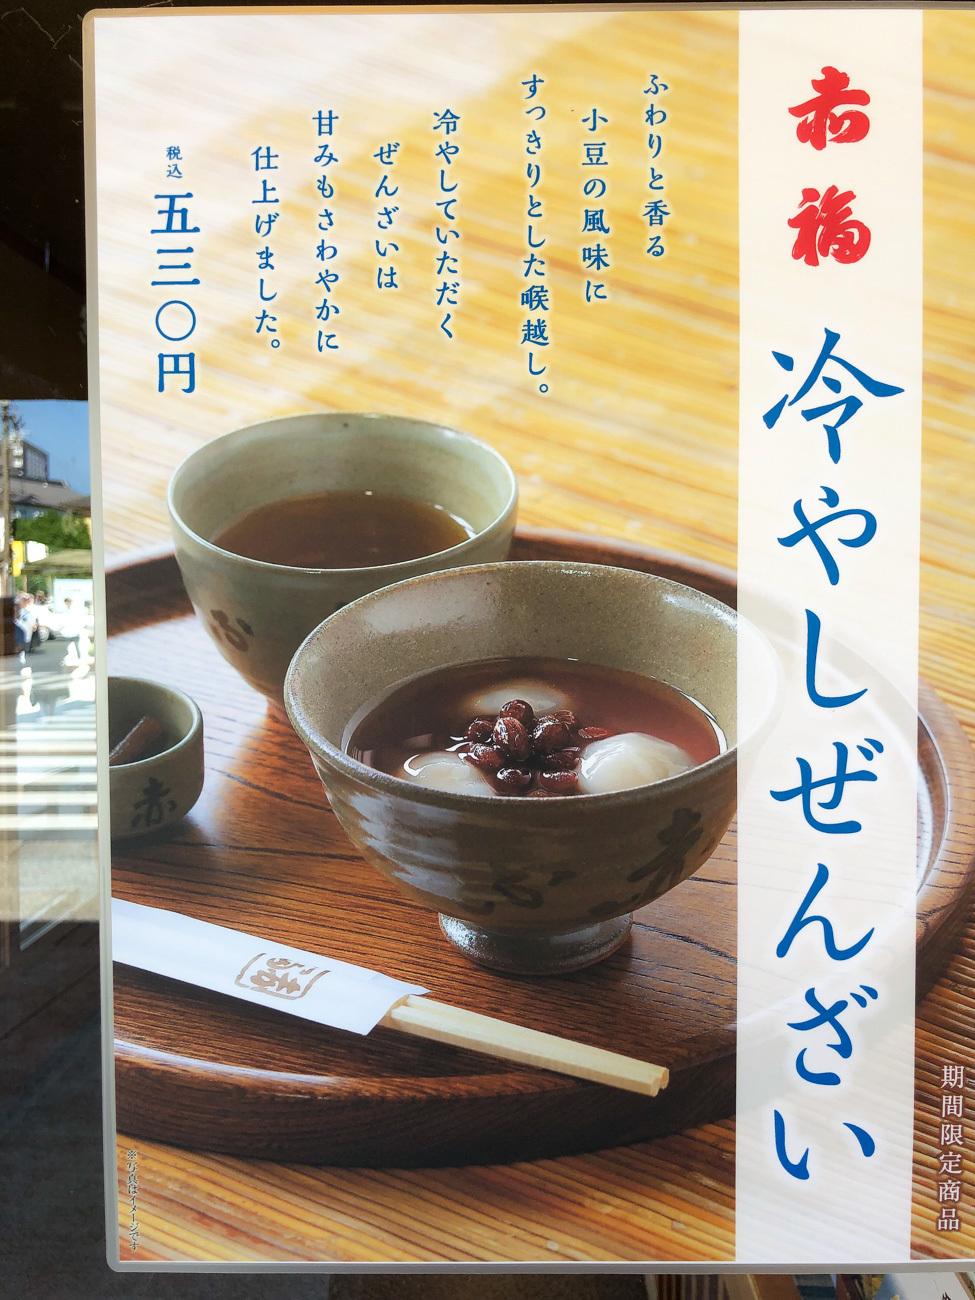 hiyashizenzai-8.jpg